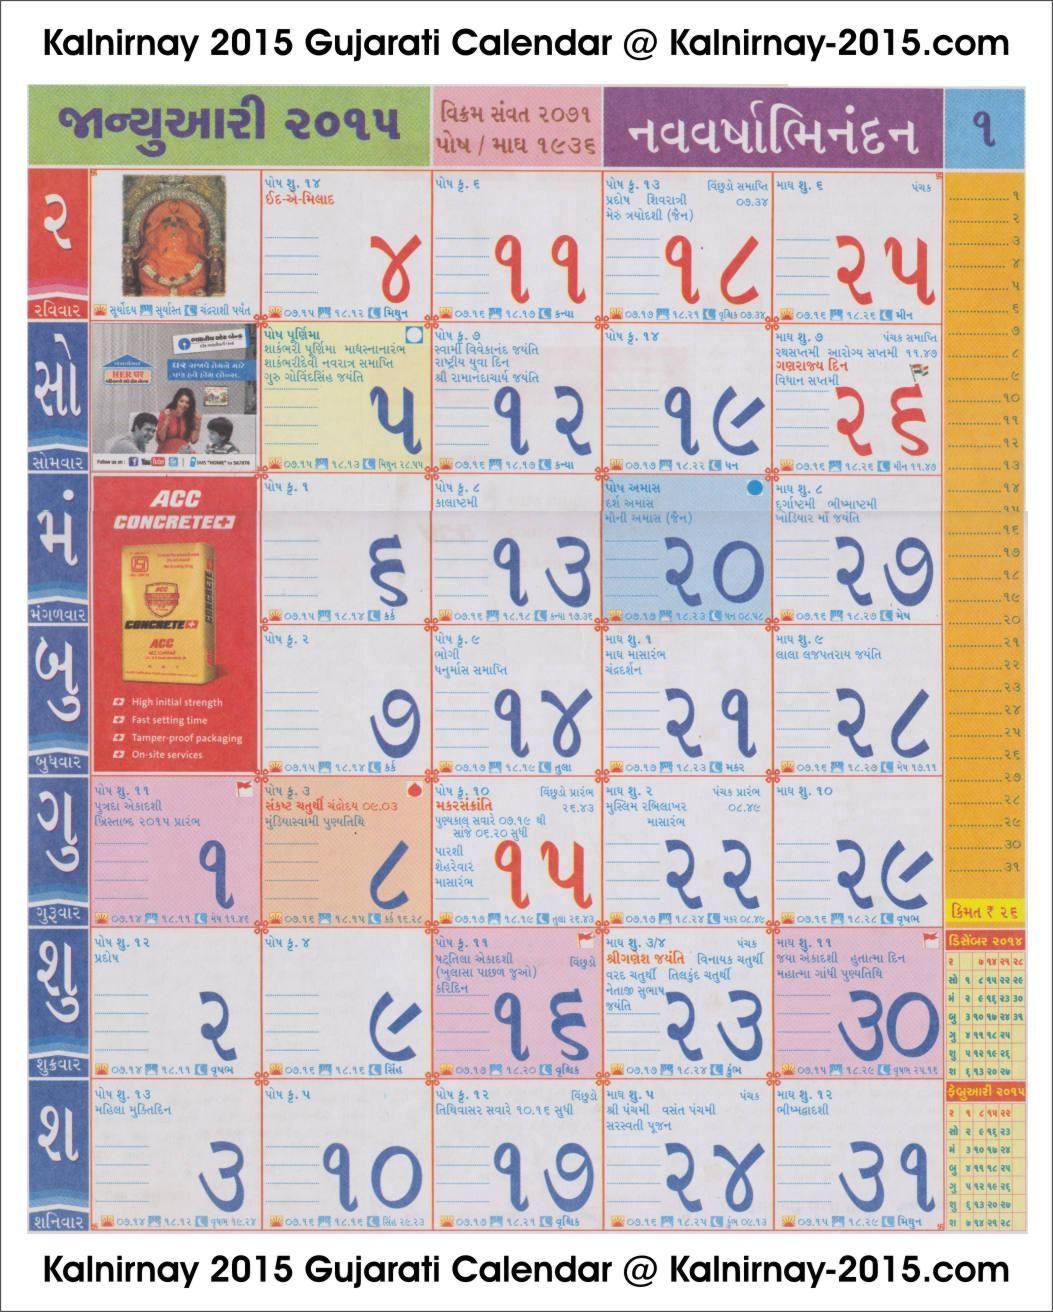 January 2015 Gujarati Kalnirnay Calendar Calendar Calendar